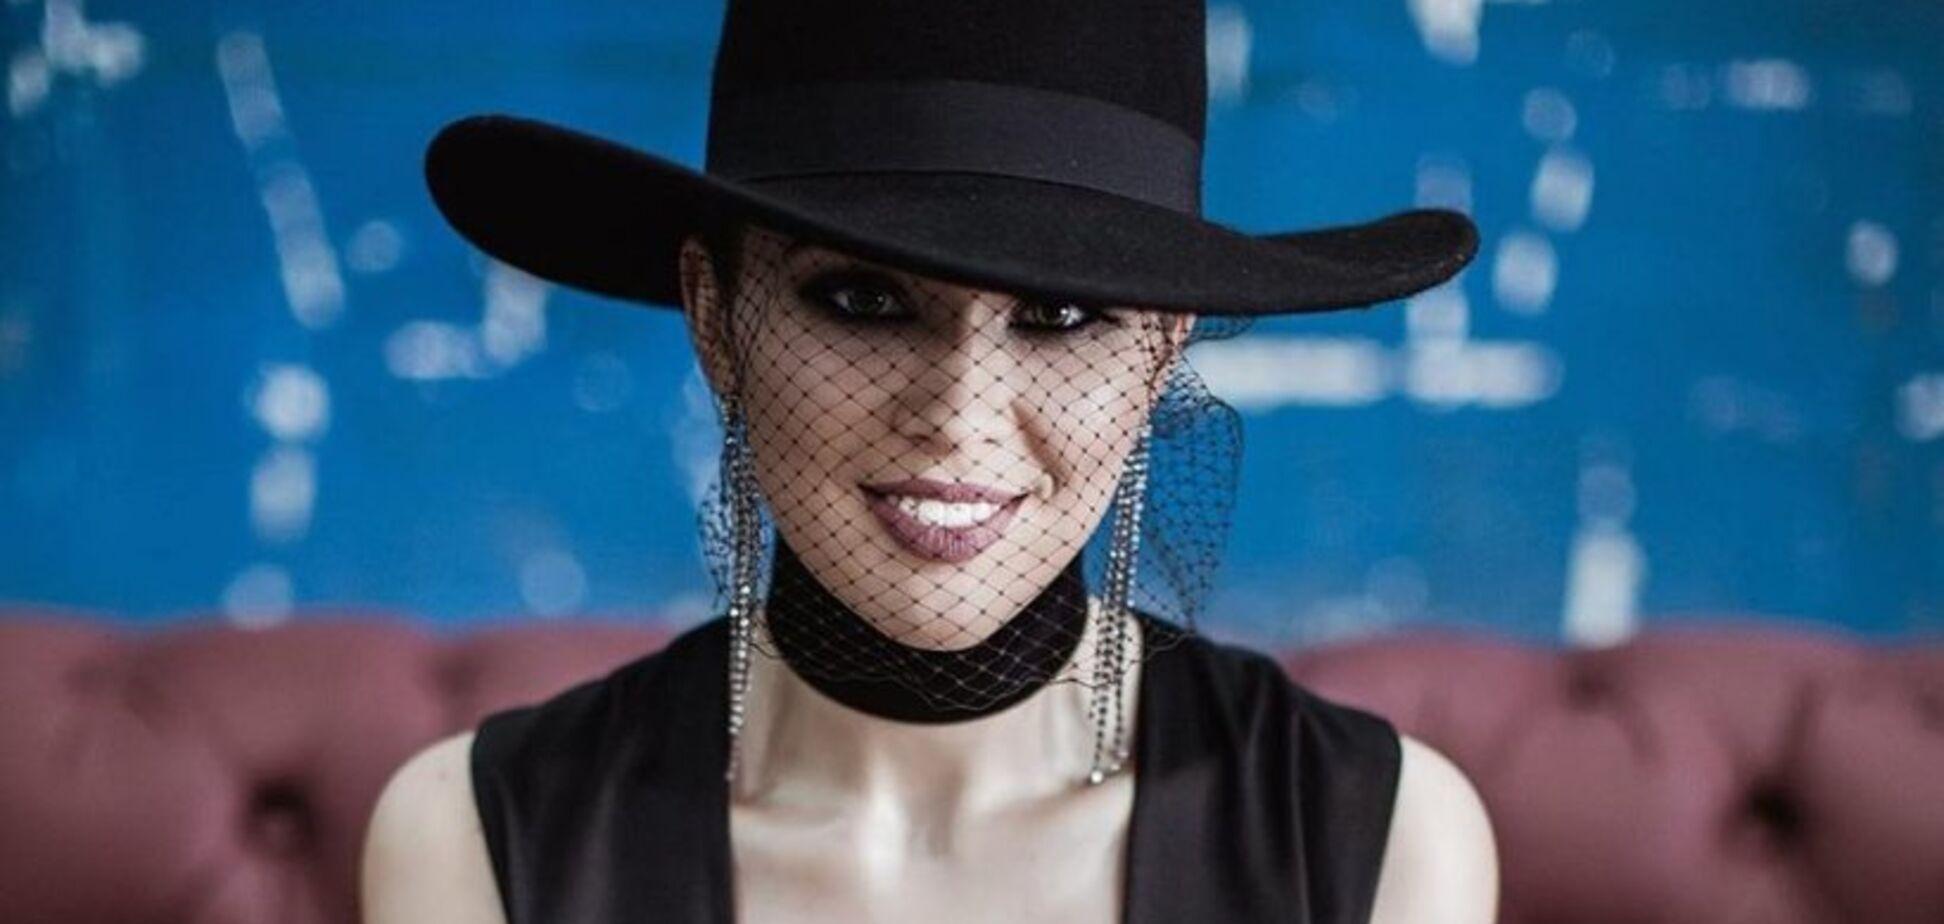 Фаворит Нацотбора на Евровидение заинтриговала тизером конкурсной песни